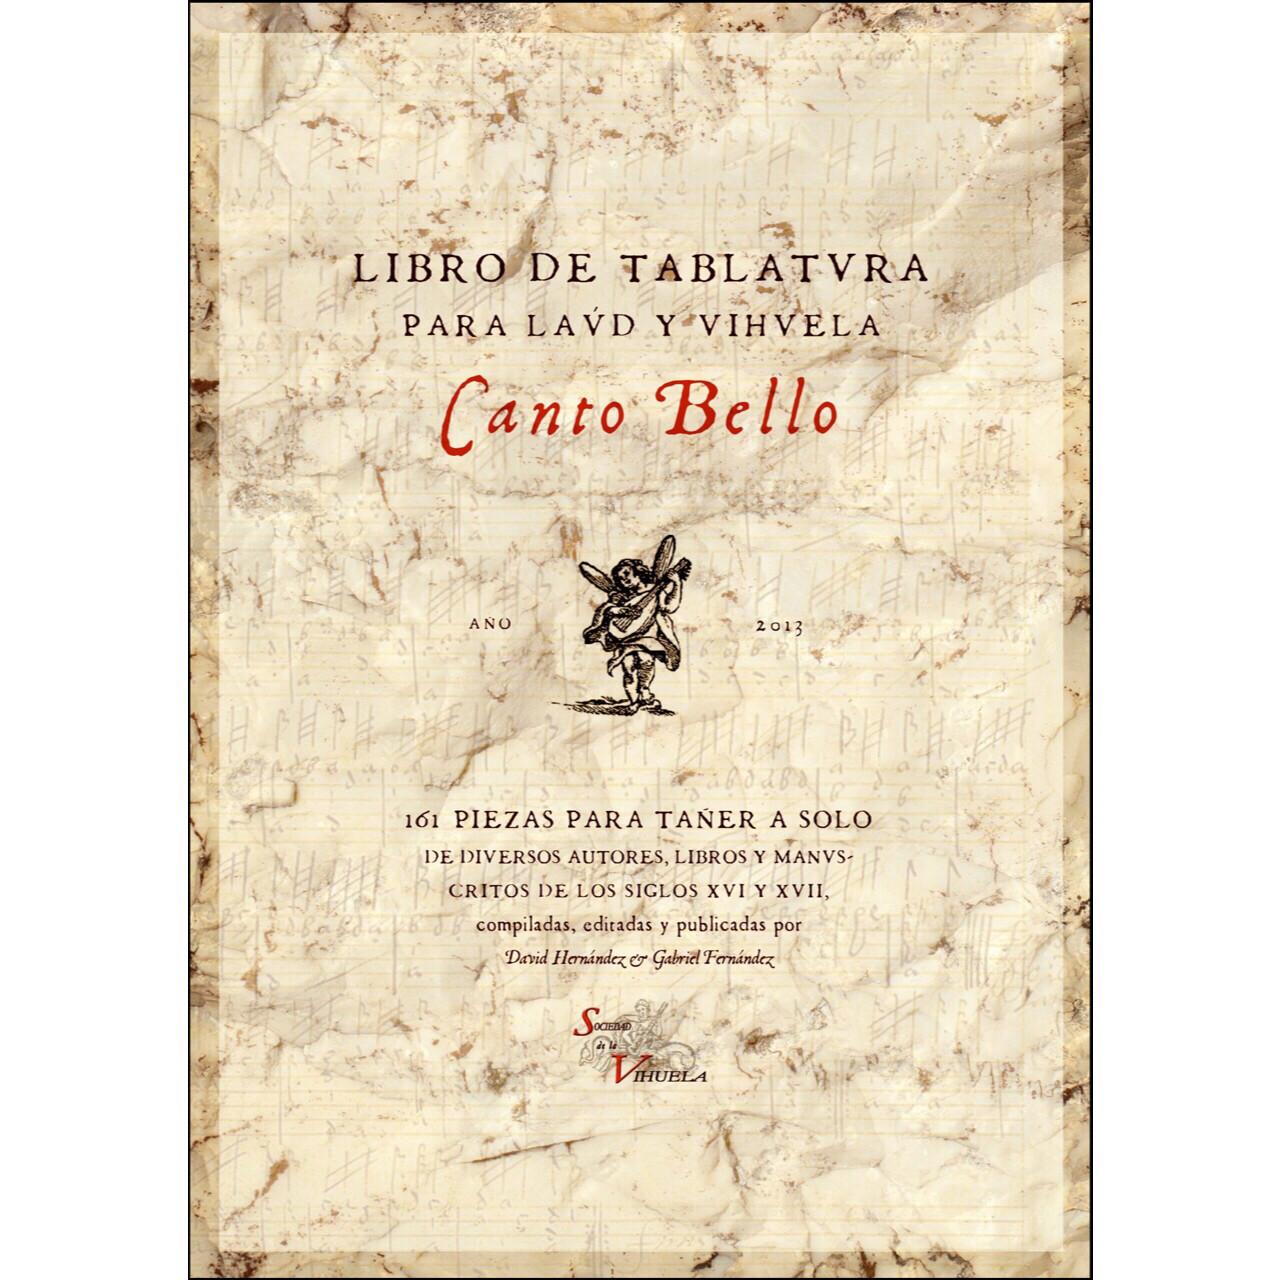 «Canto Bello - Libro de tablatura para laúd y vihuela», David Hernández & Gabriel Fernández.